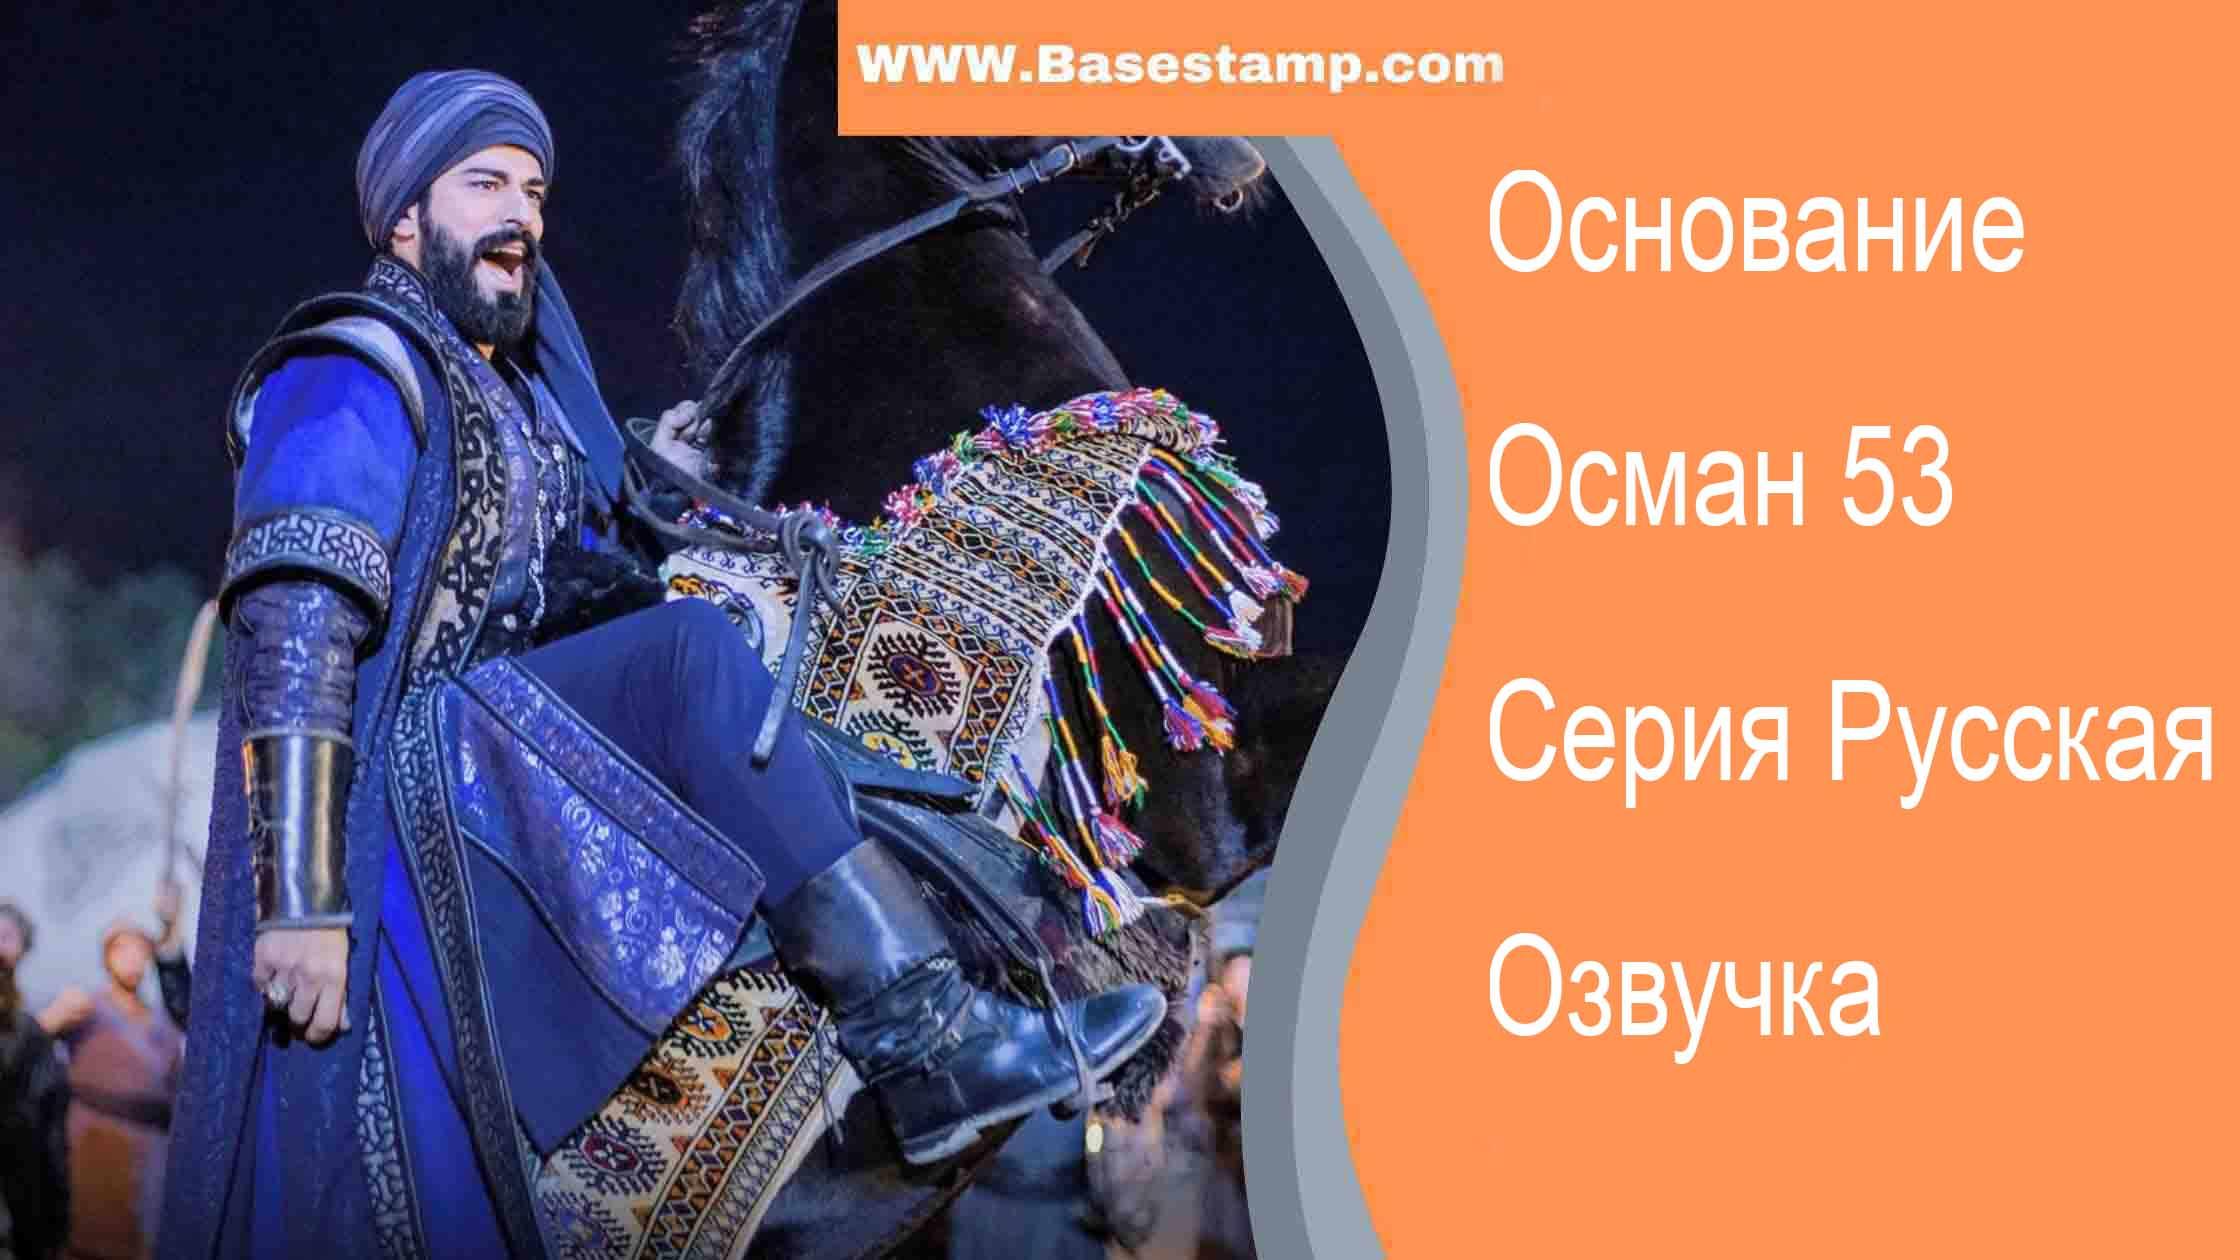 снование Осман 53 Серия Русская Озвучка ок